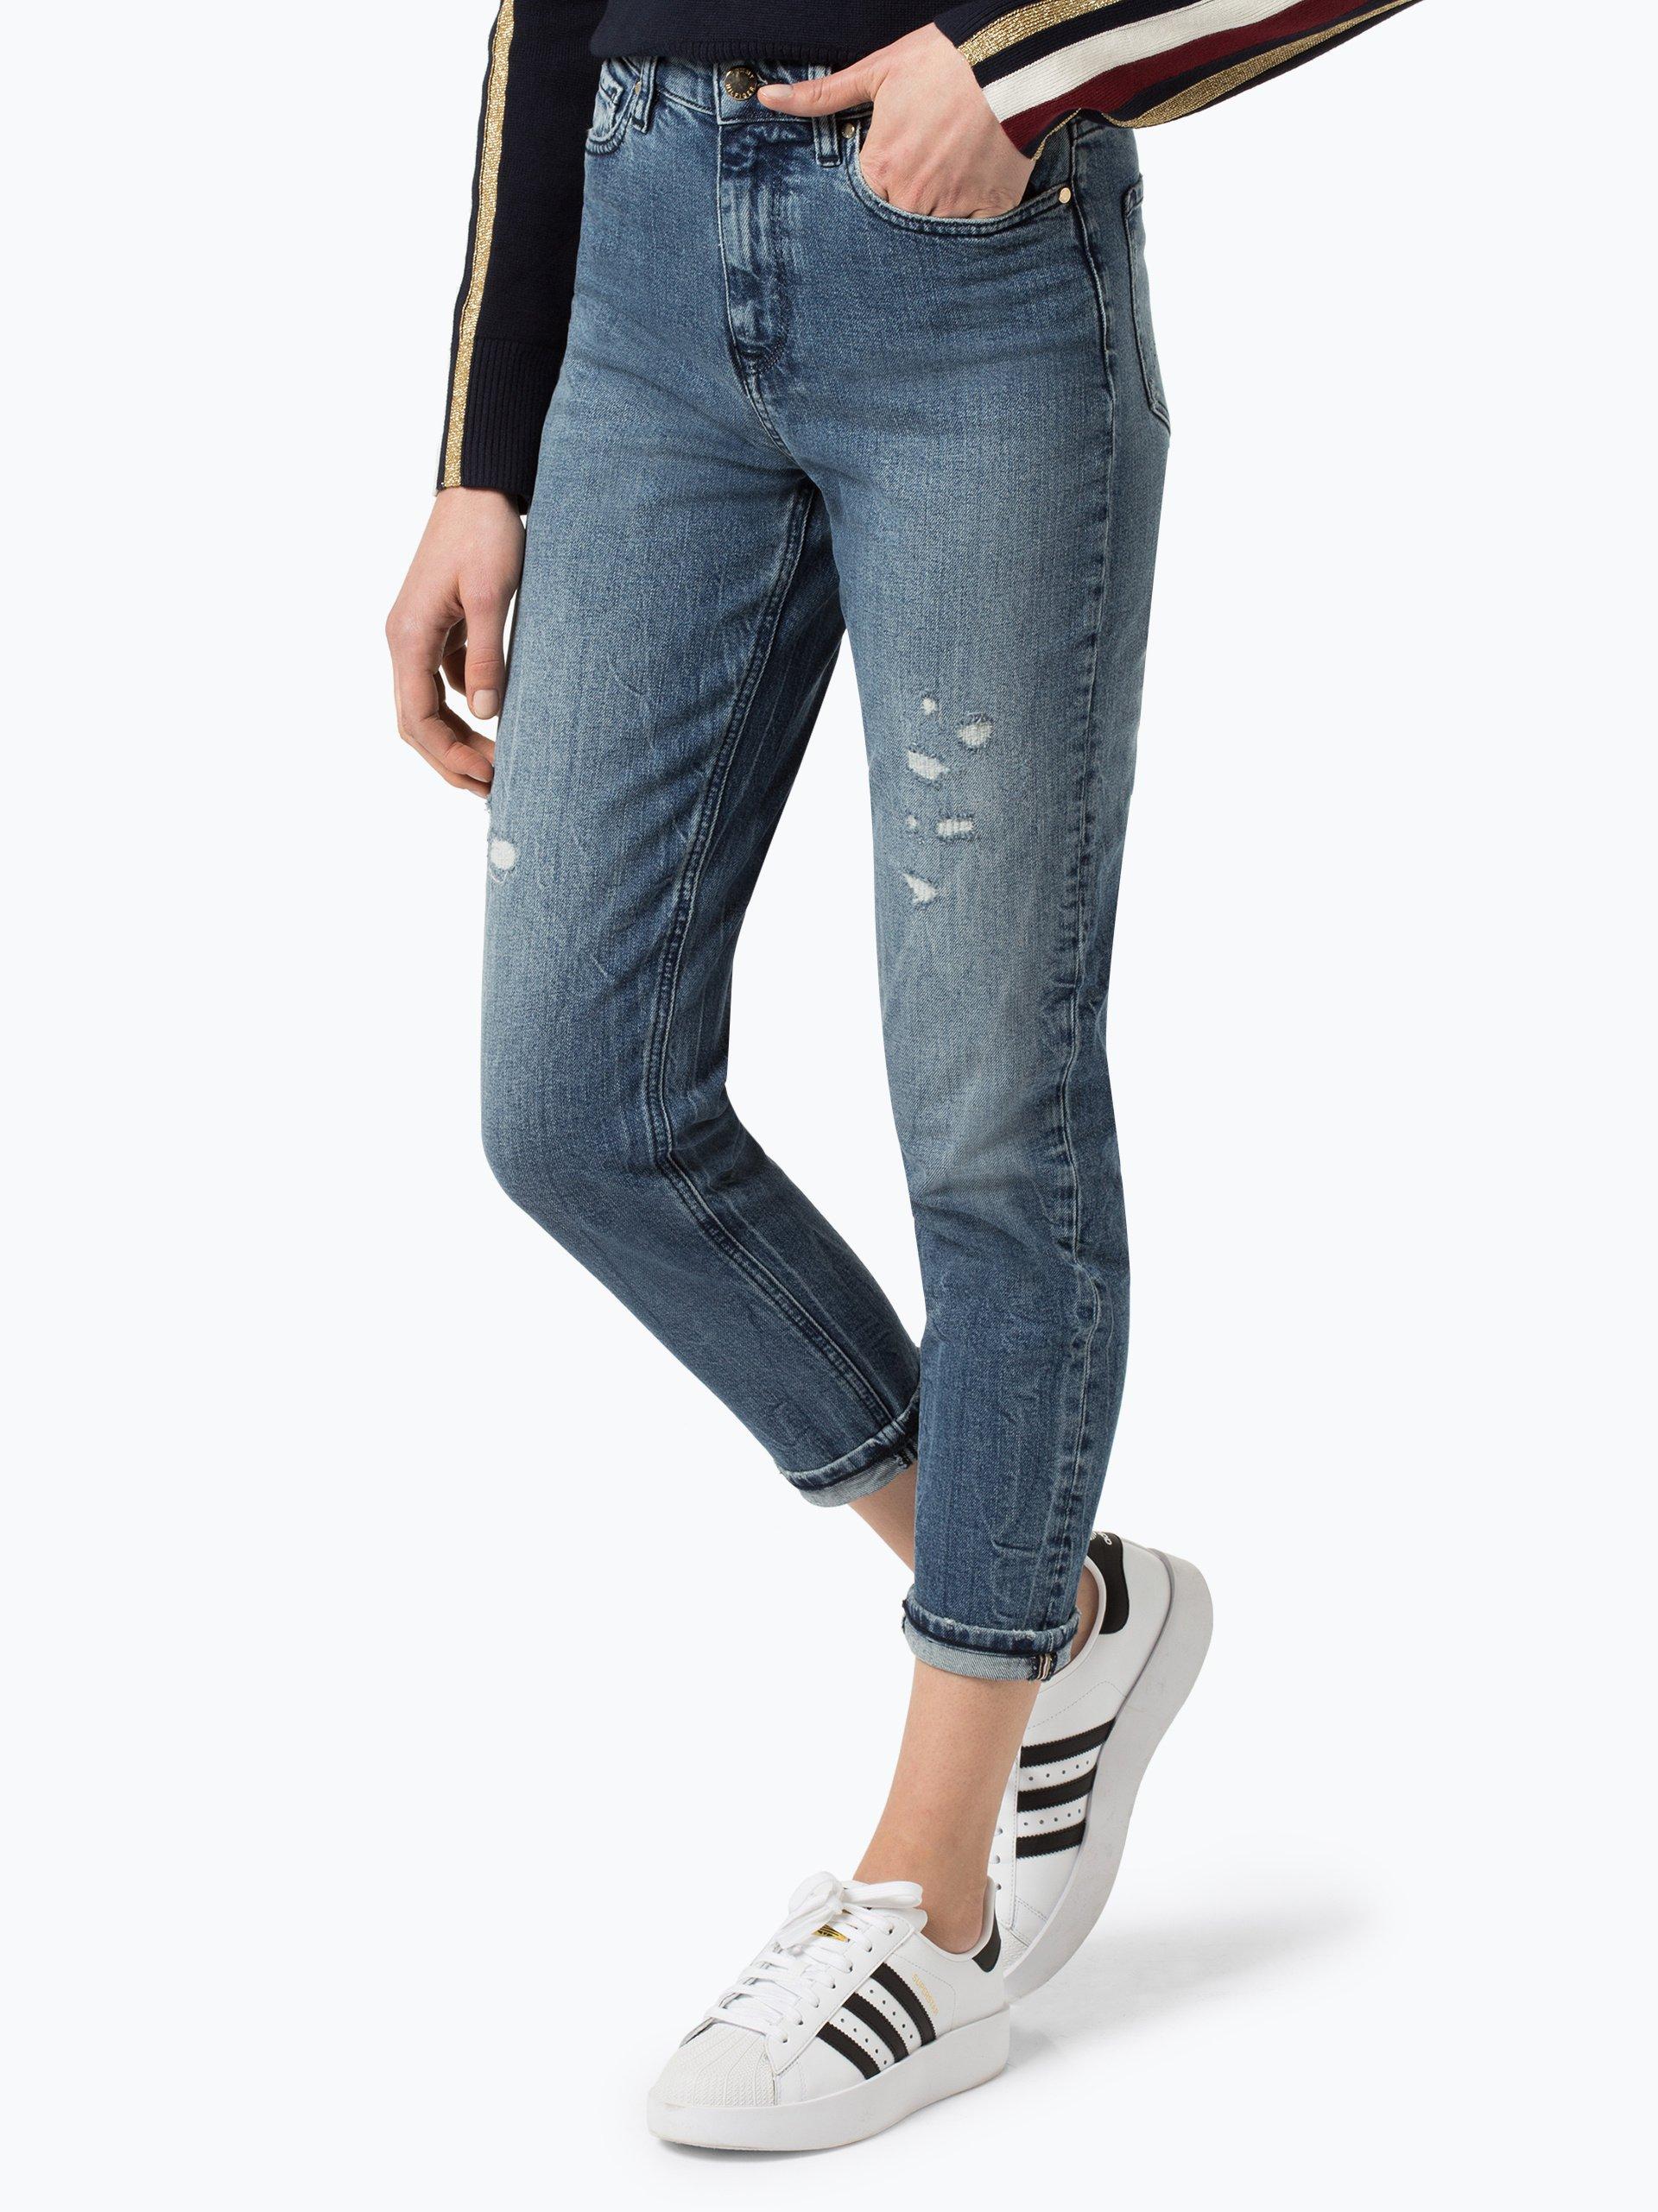 tommy hilfiger damen jeans tommy icons mom fit ankle. Black Bedroom Furniture Sets. Home Design Ideas